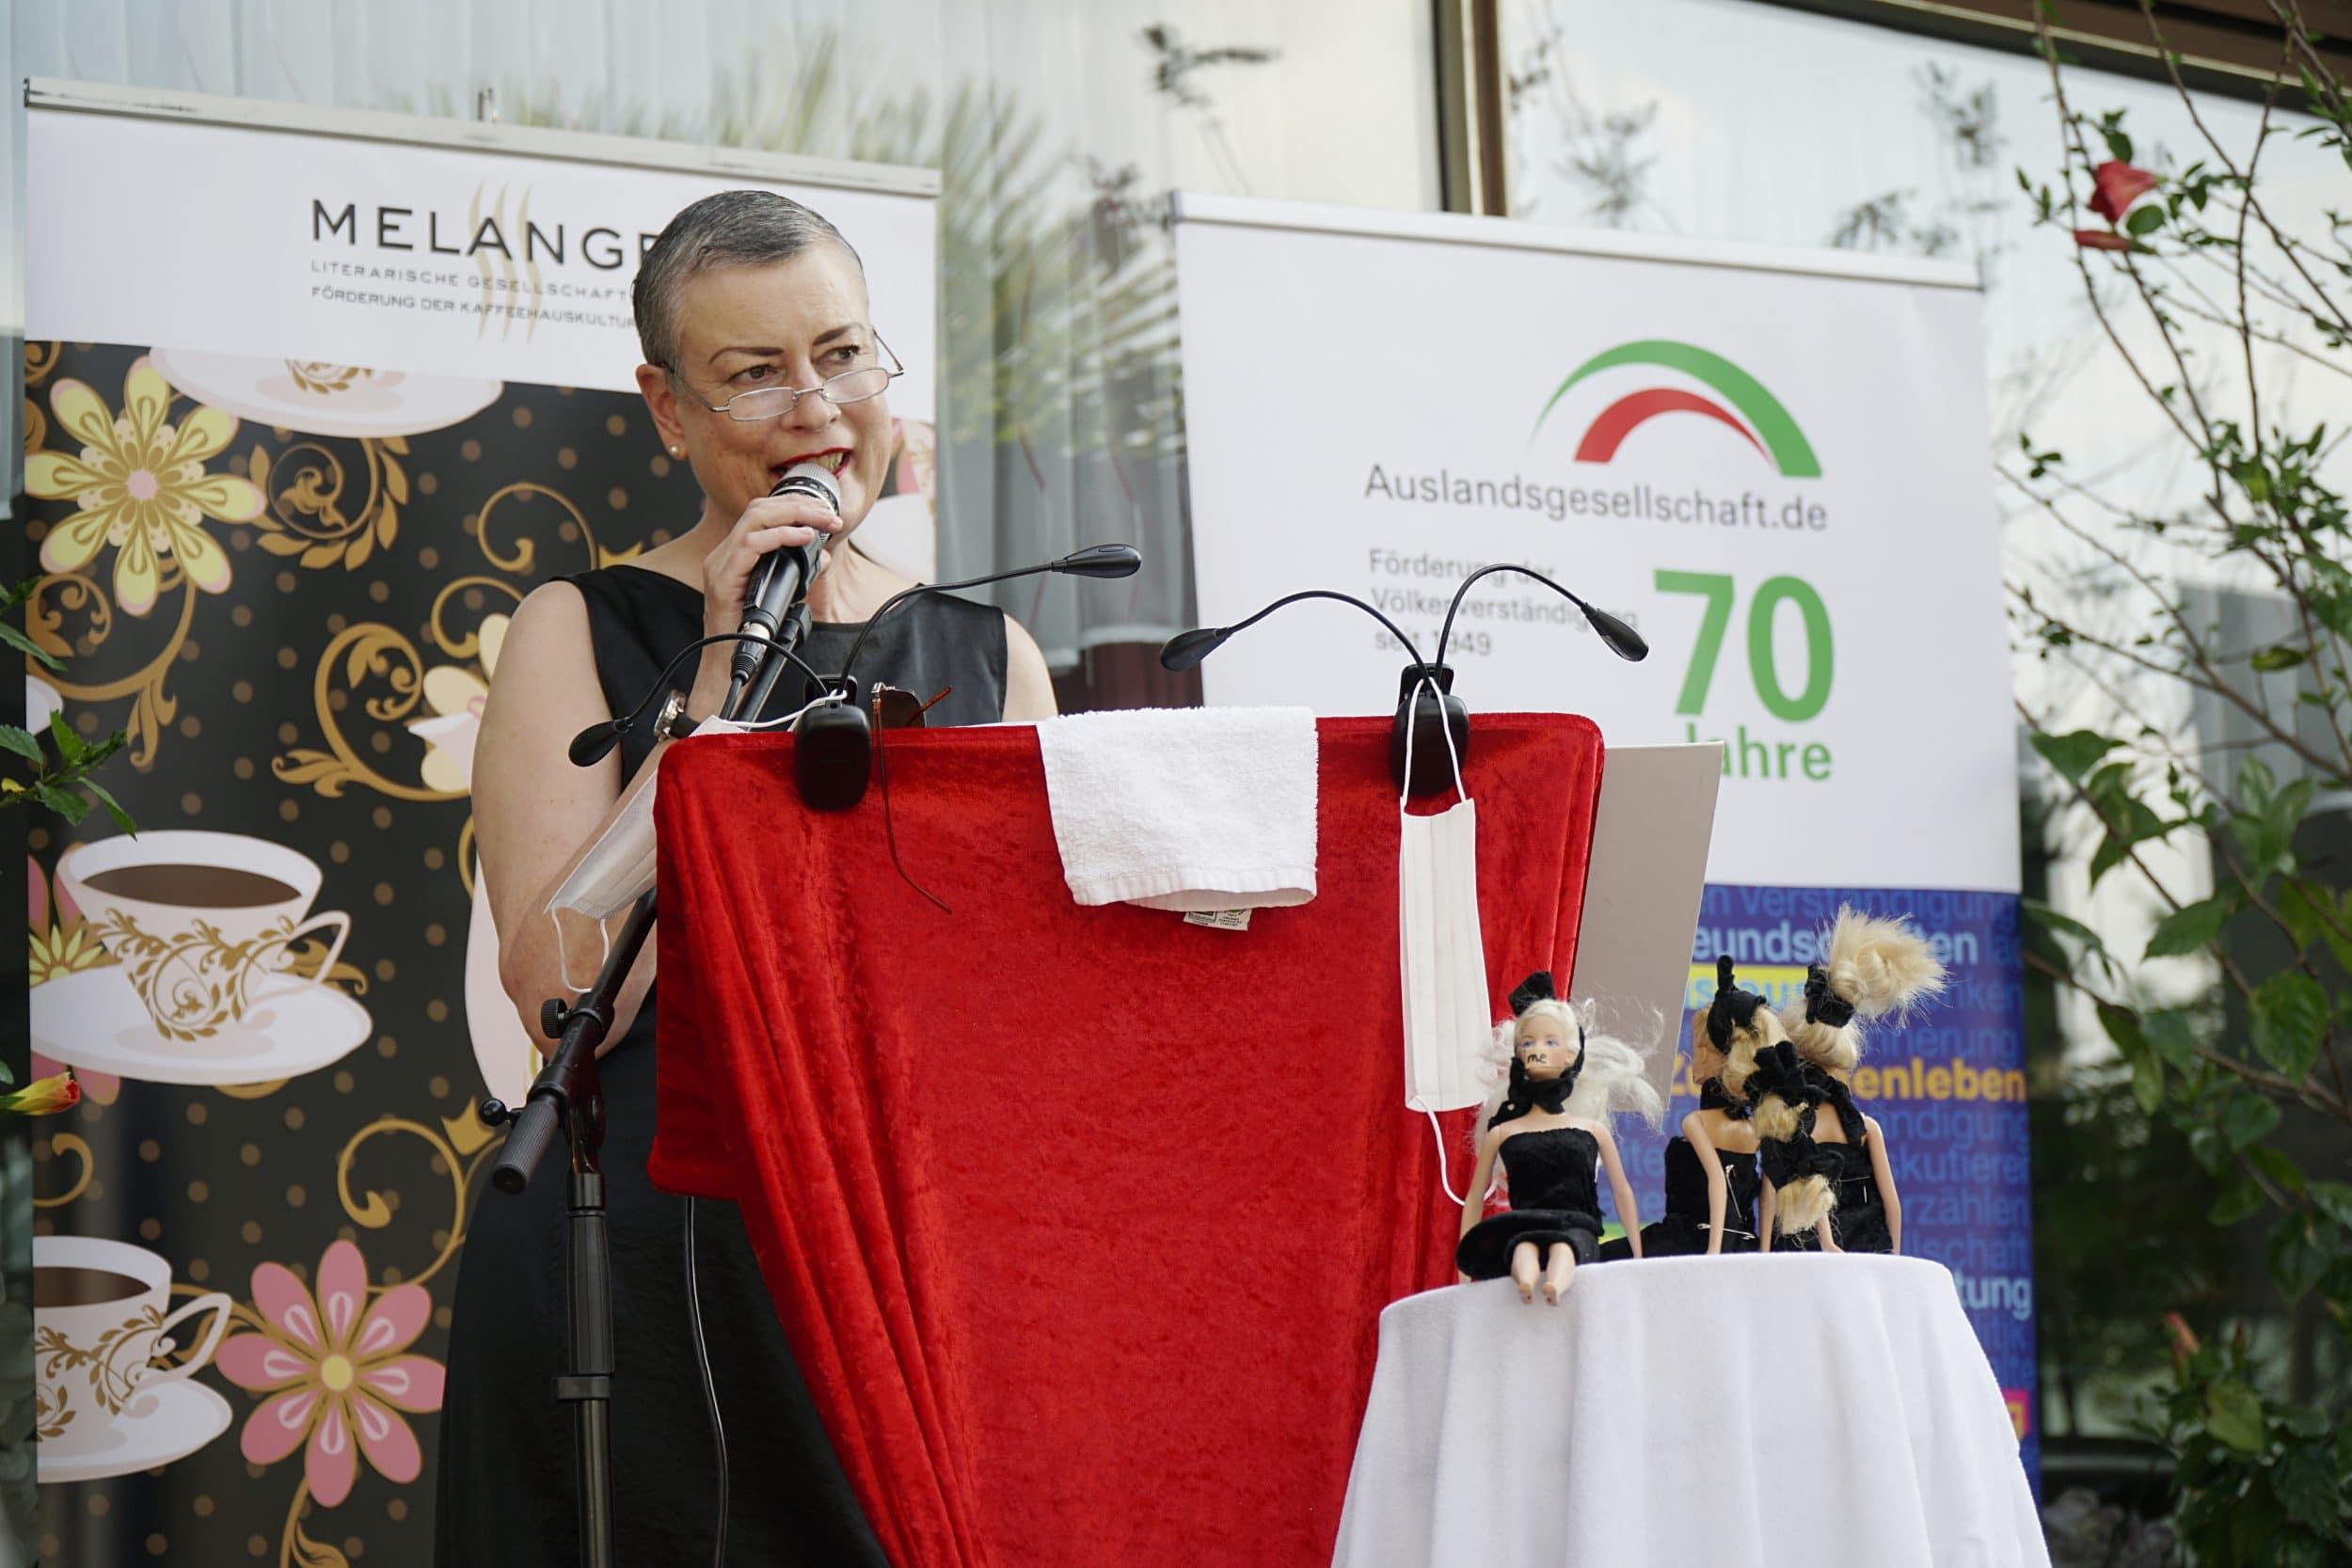 Mit ihrer beeindruckenden Stimme sorgte Tirzah Haase für Gänsehautathmosphäre. (Fotos: IN-StadtMagazine)